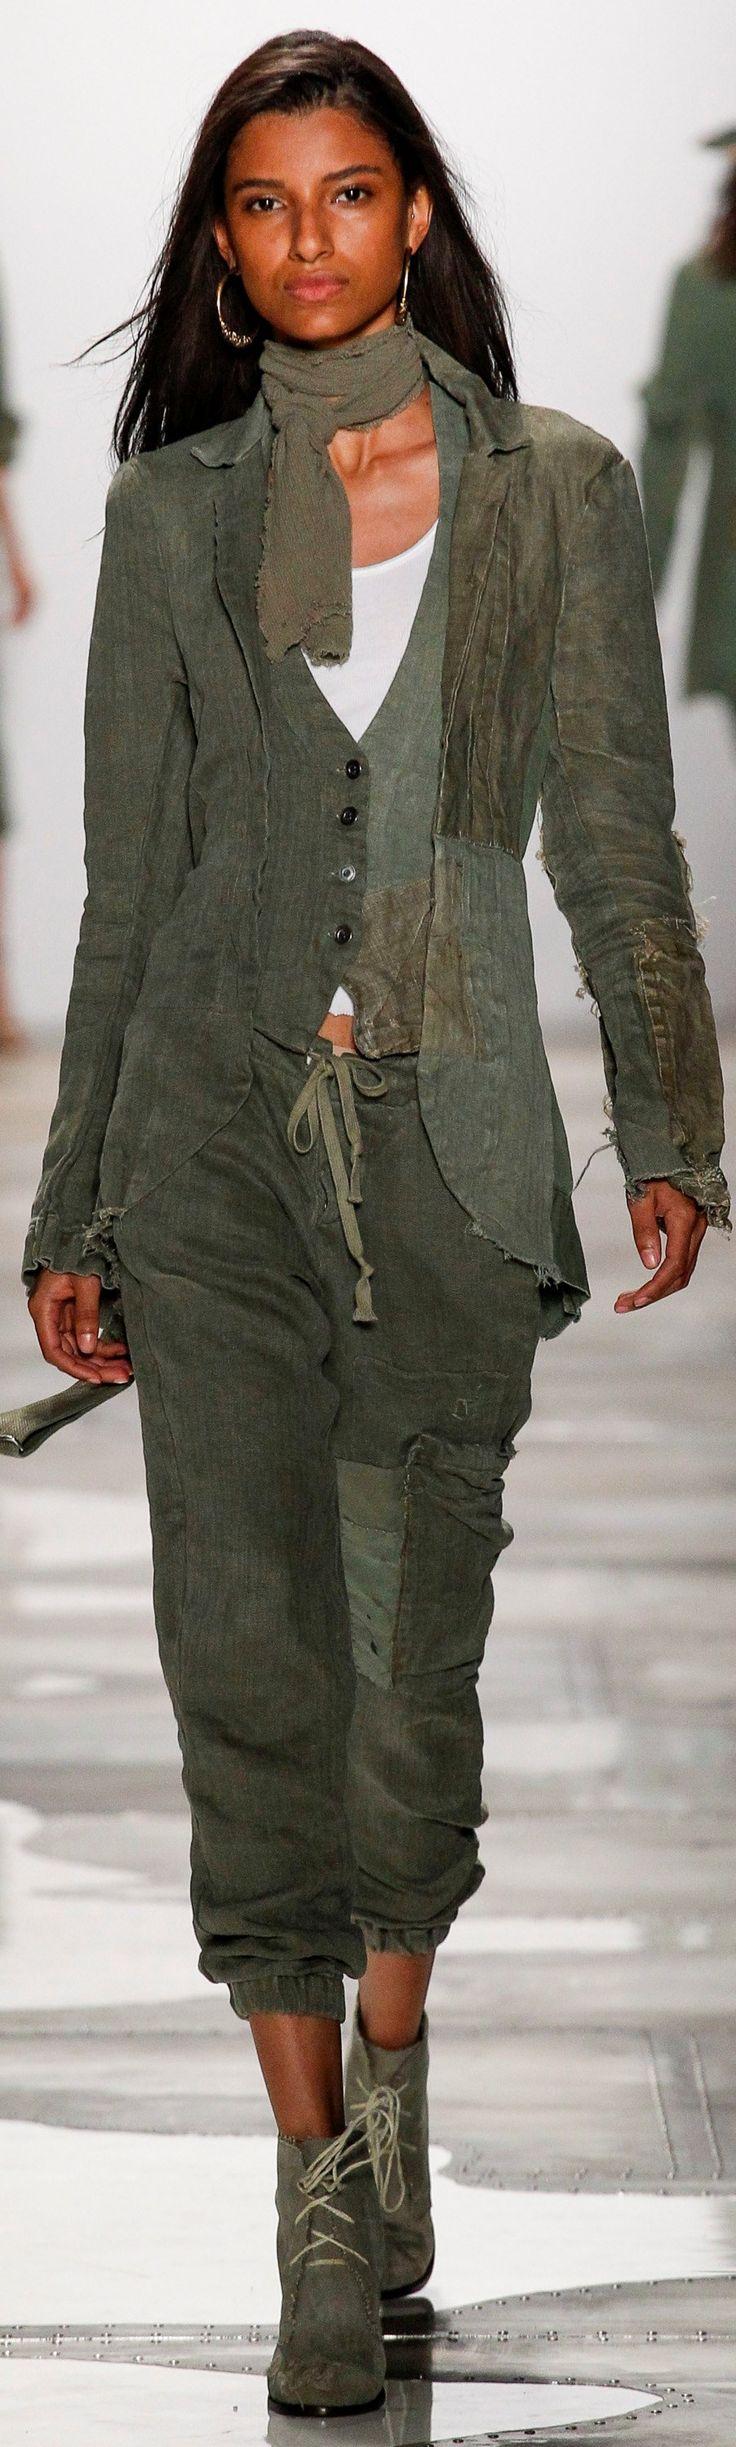 Greg Lauren Goes Military Chic for Spring